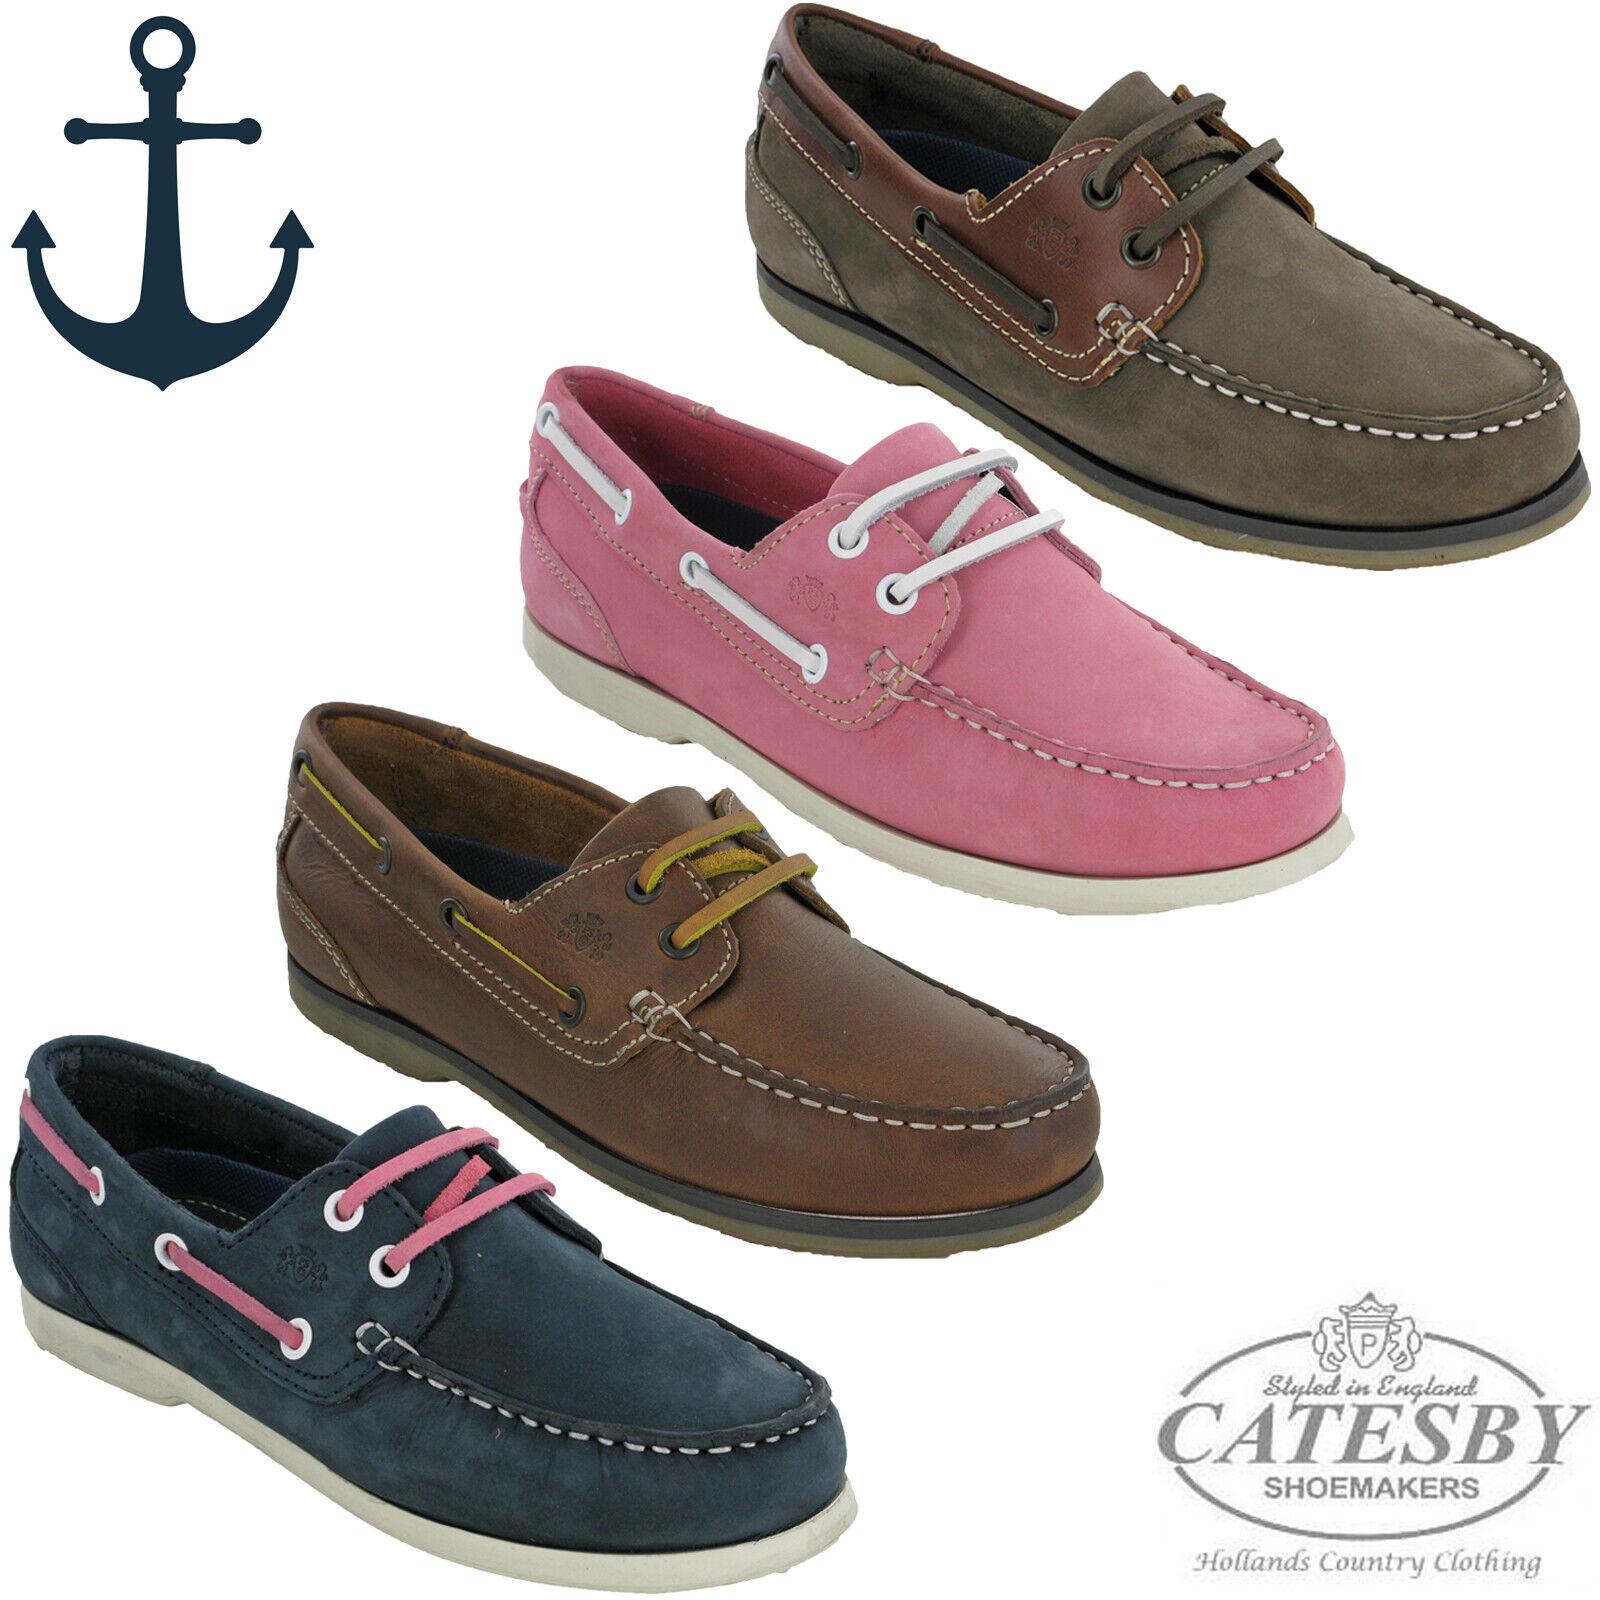 Femmes chaussures Bateau Cuir Pont Léger Dentelle Plat Confortable Été UK 4-8